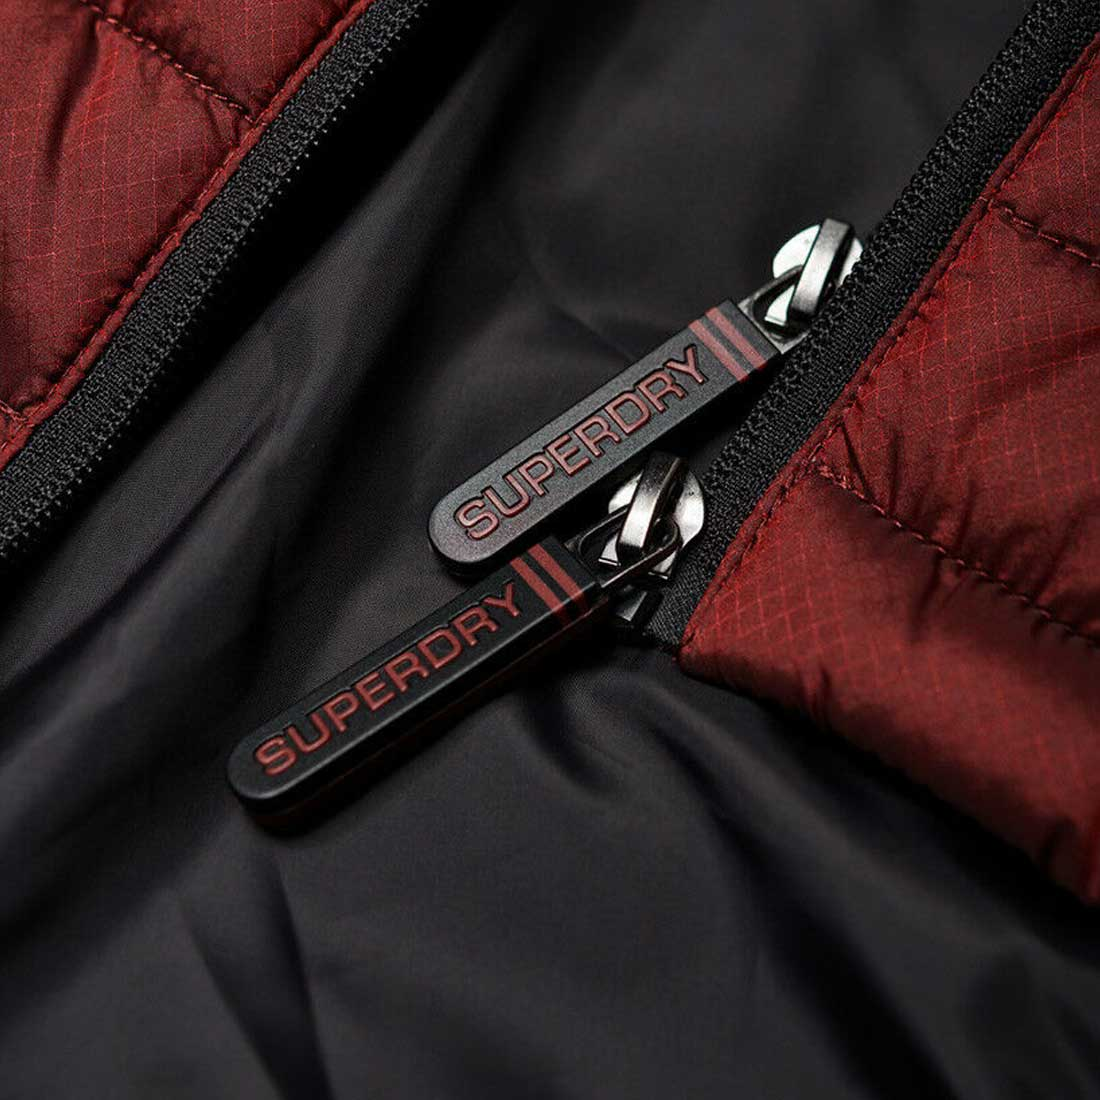 Camisa-para-hombre-Fuji-chaqueta-de-doble-cremallera miniatura 12